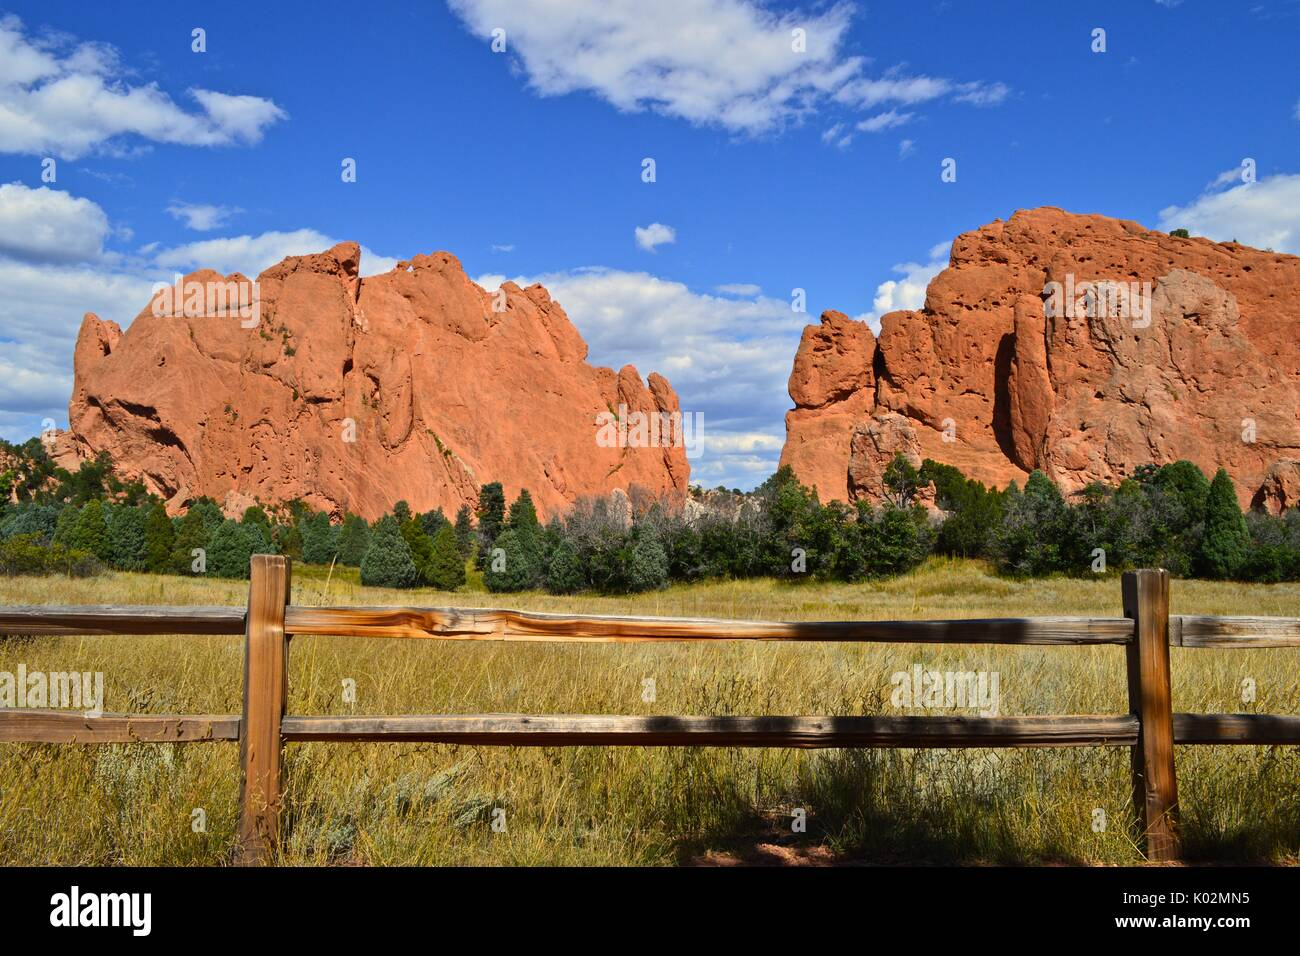 Garden of the Gods, Colorado Springs, Colorado. Stock Photo